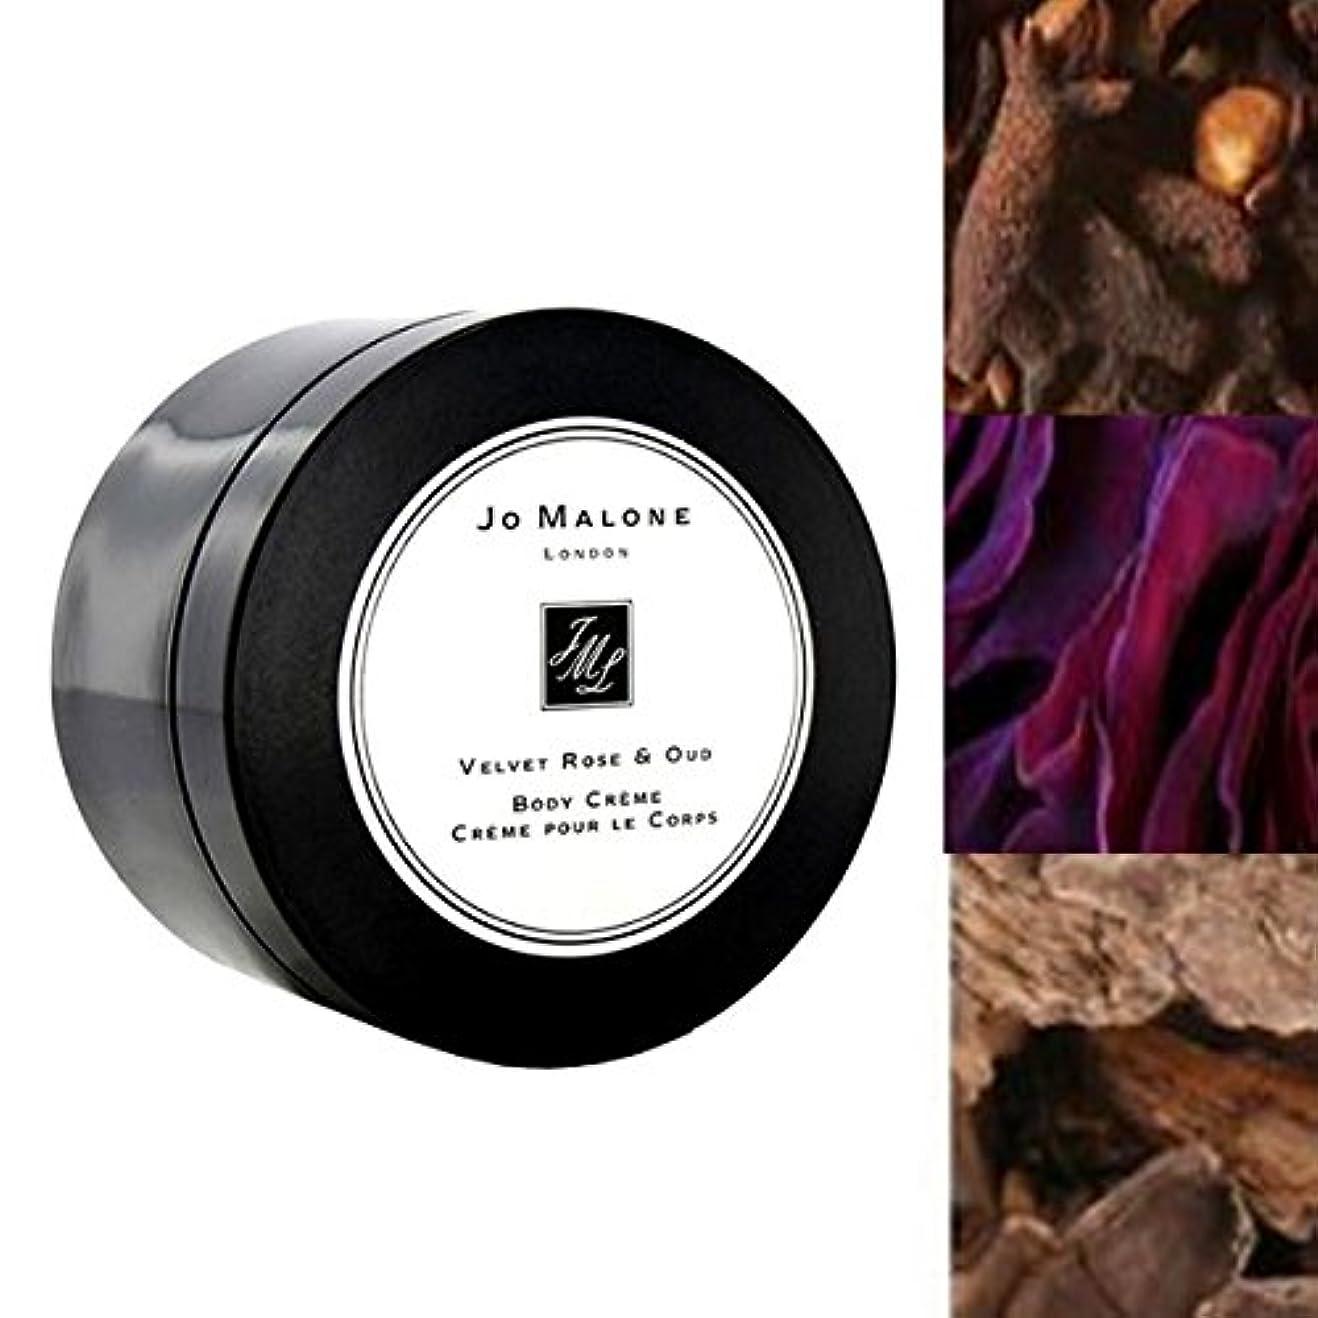 ヘルメット鳴り響くせがむJo Malone London ジョーマローン, Velvet Rose & Oud Body Crème (5.9 oz.)[海外直送品] [並行輸入品]